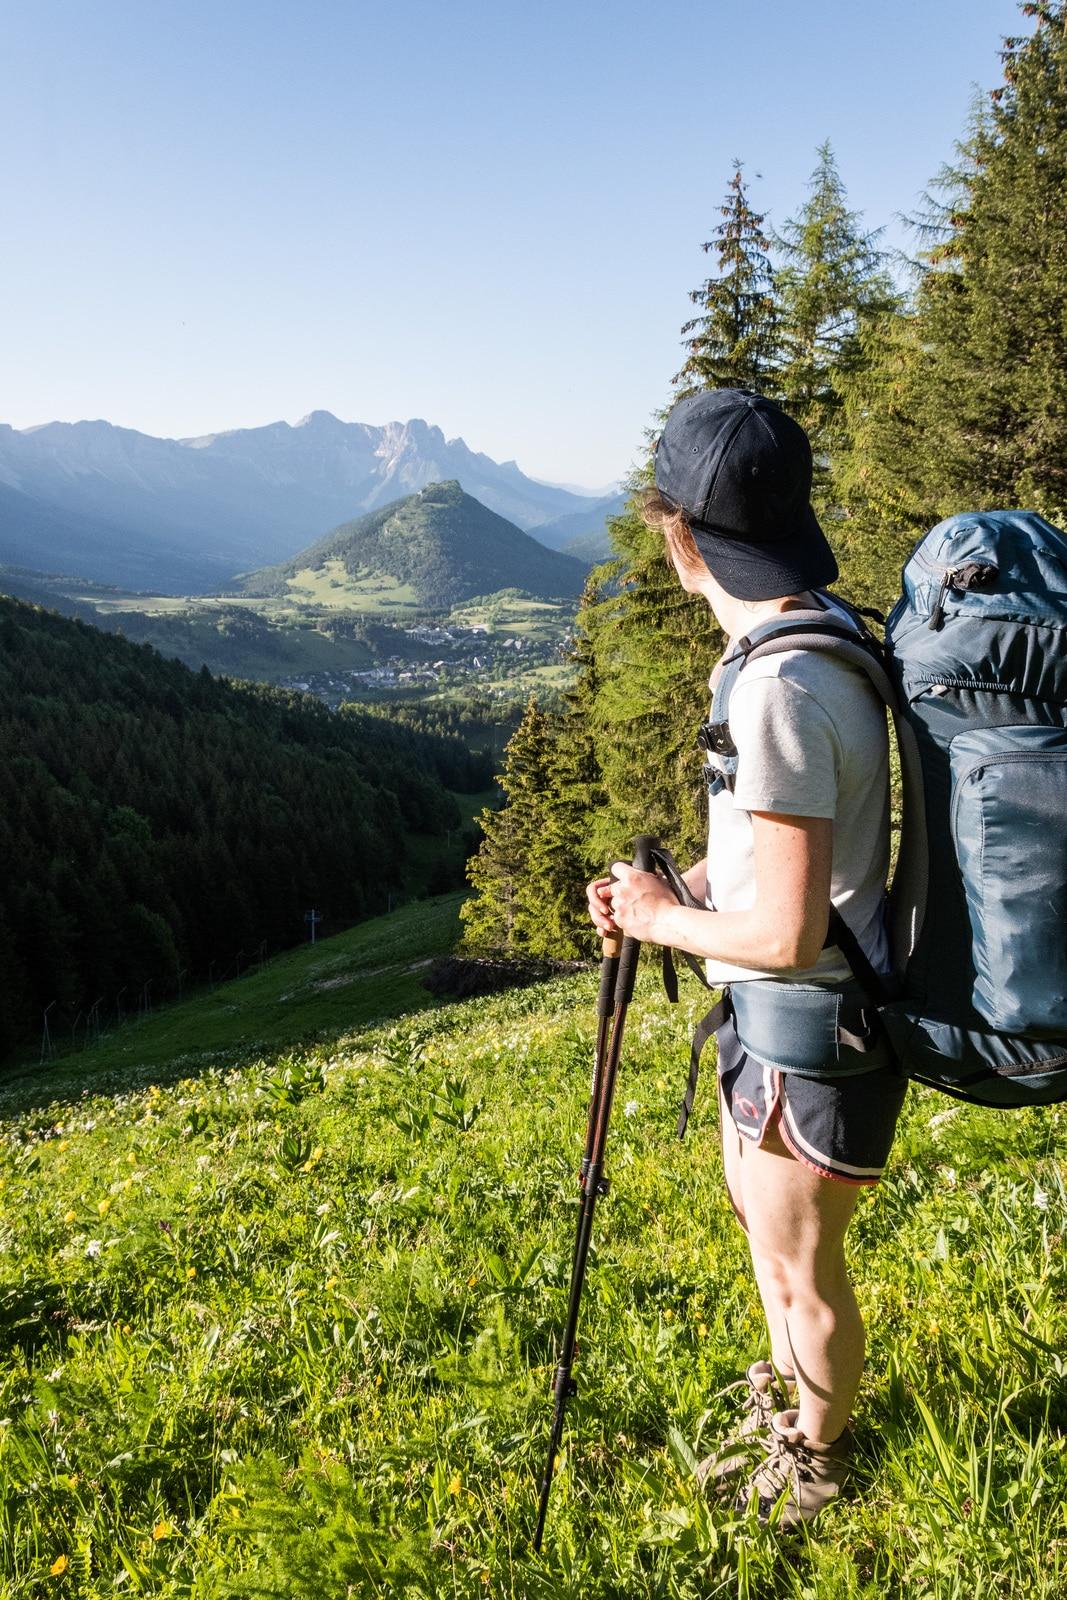 randonneur devant panorama montagnes